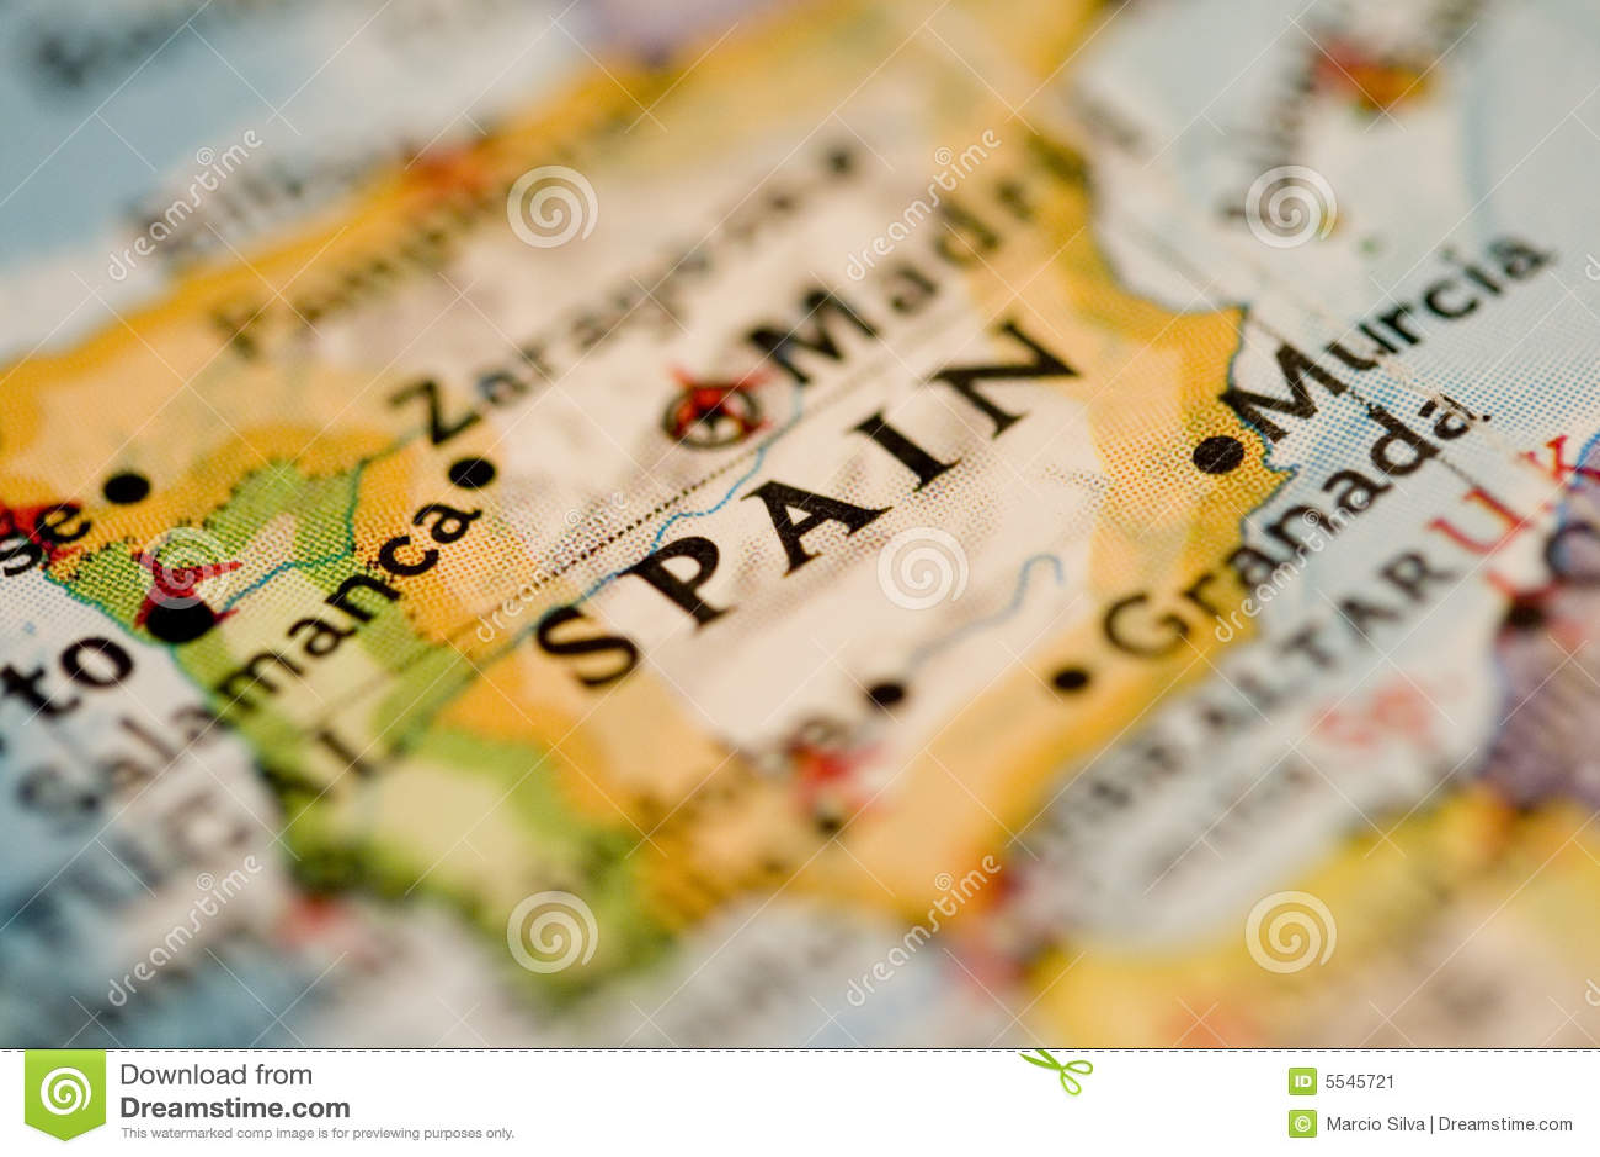 Налог на недвижимость в испании для россиян